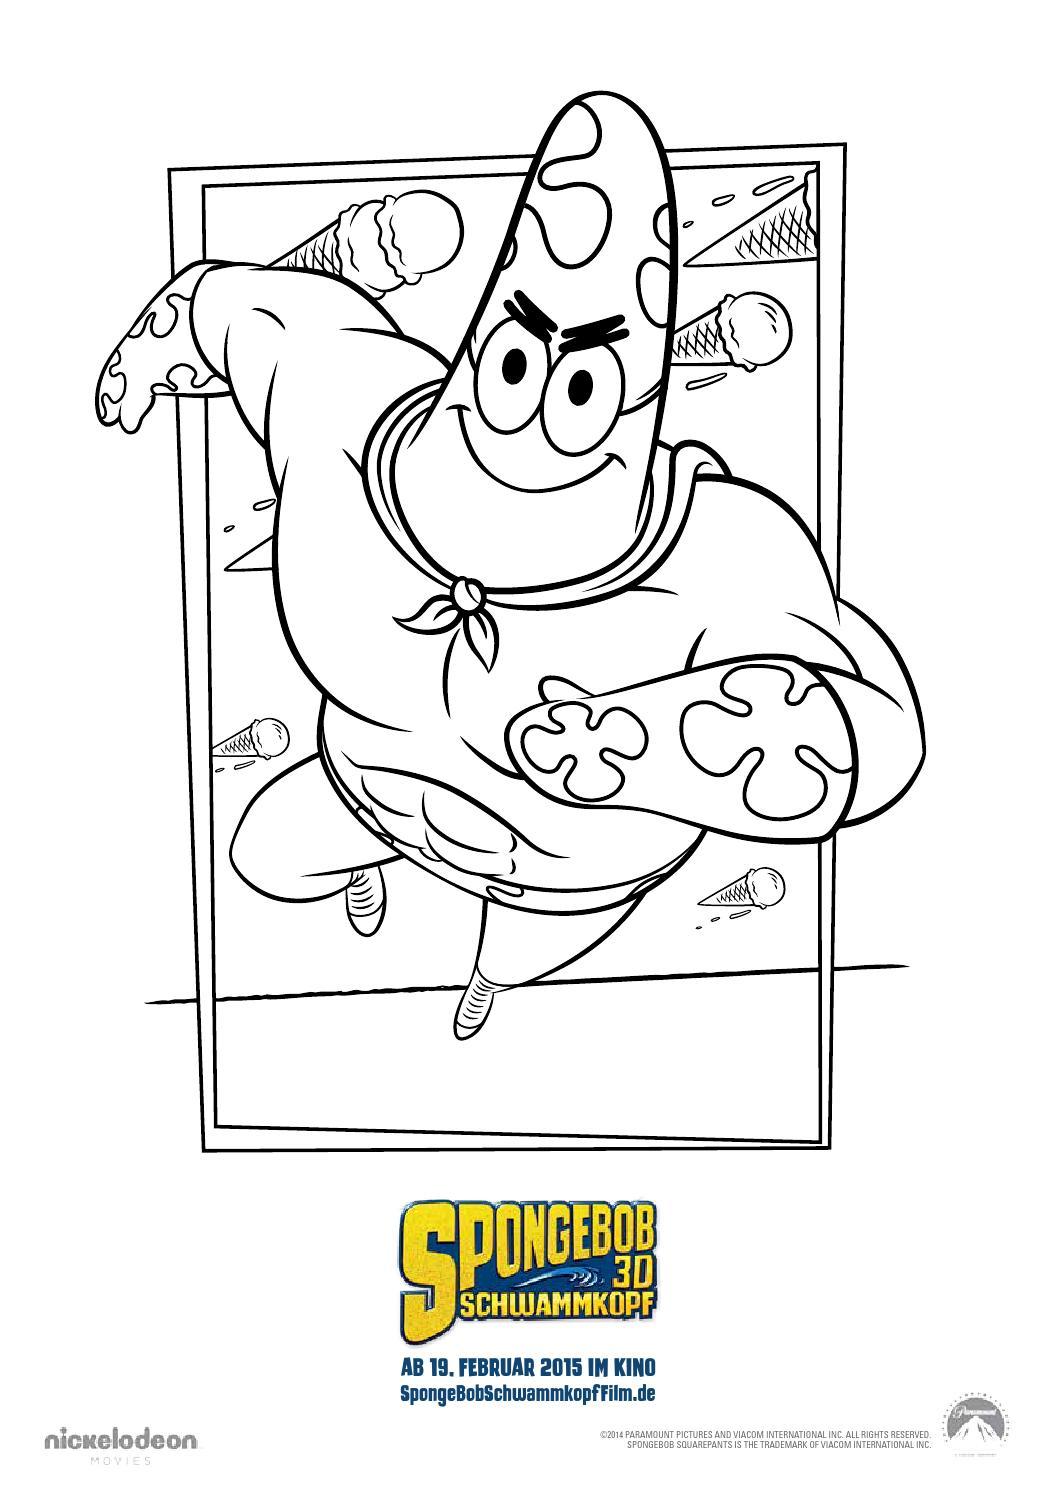 Spongebob ausmalbilder hoch by CINEPLEX - issuu